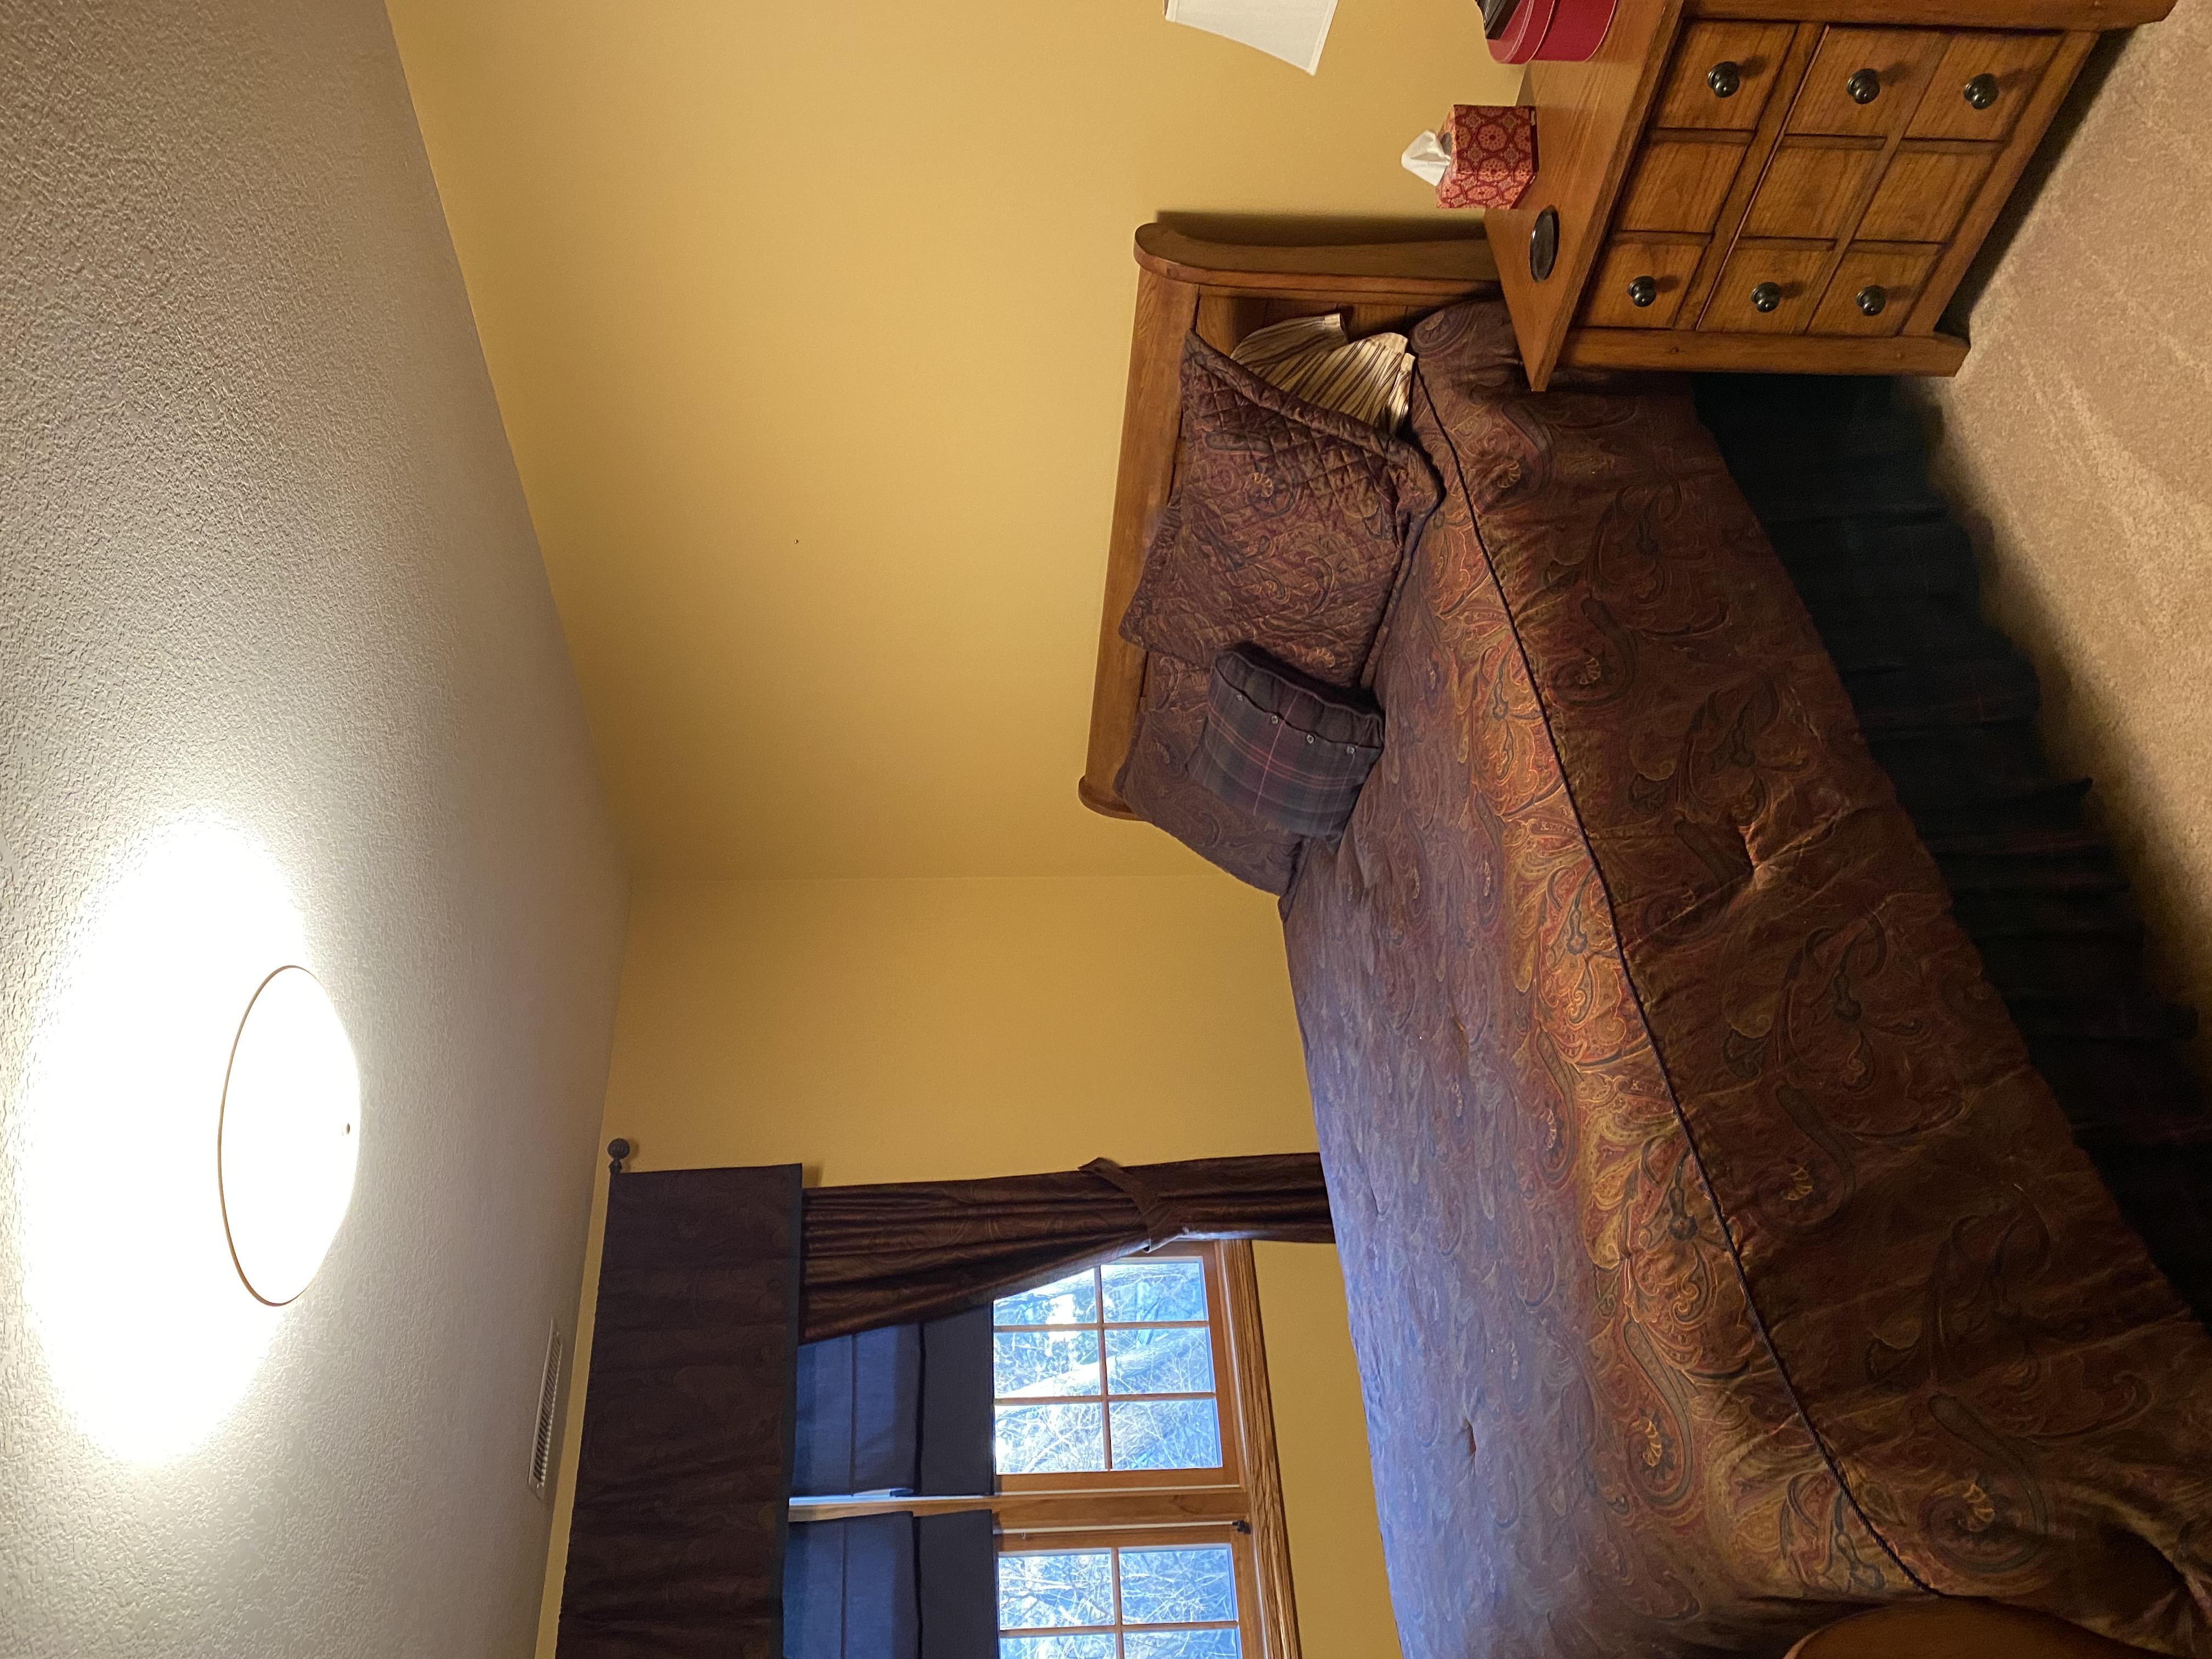 2058 HIllside Ave Mondamin bedroom6